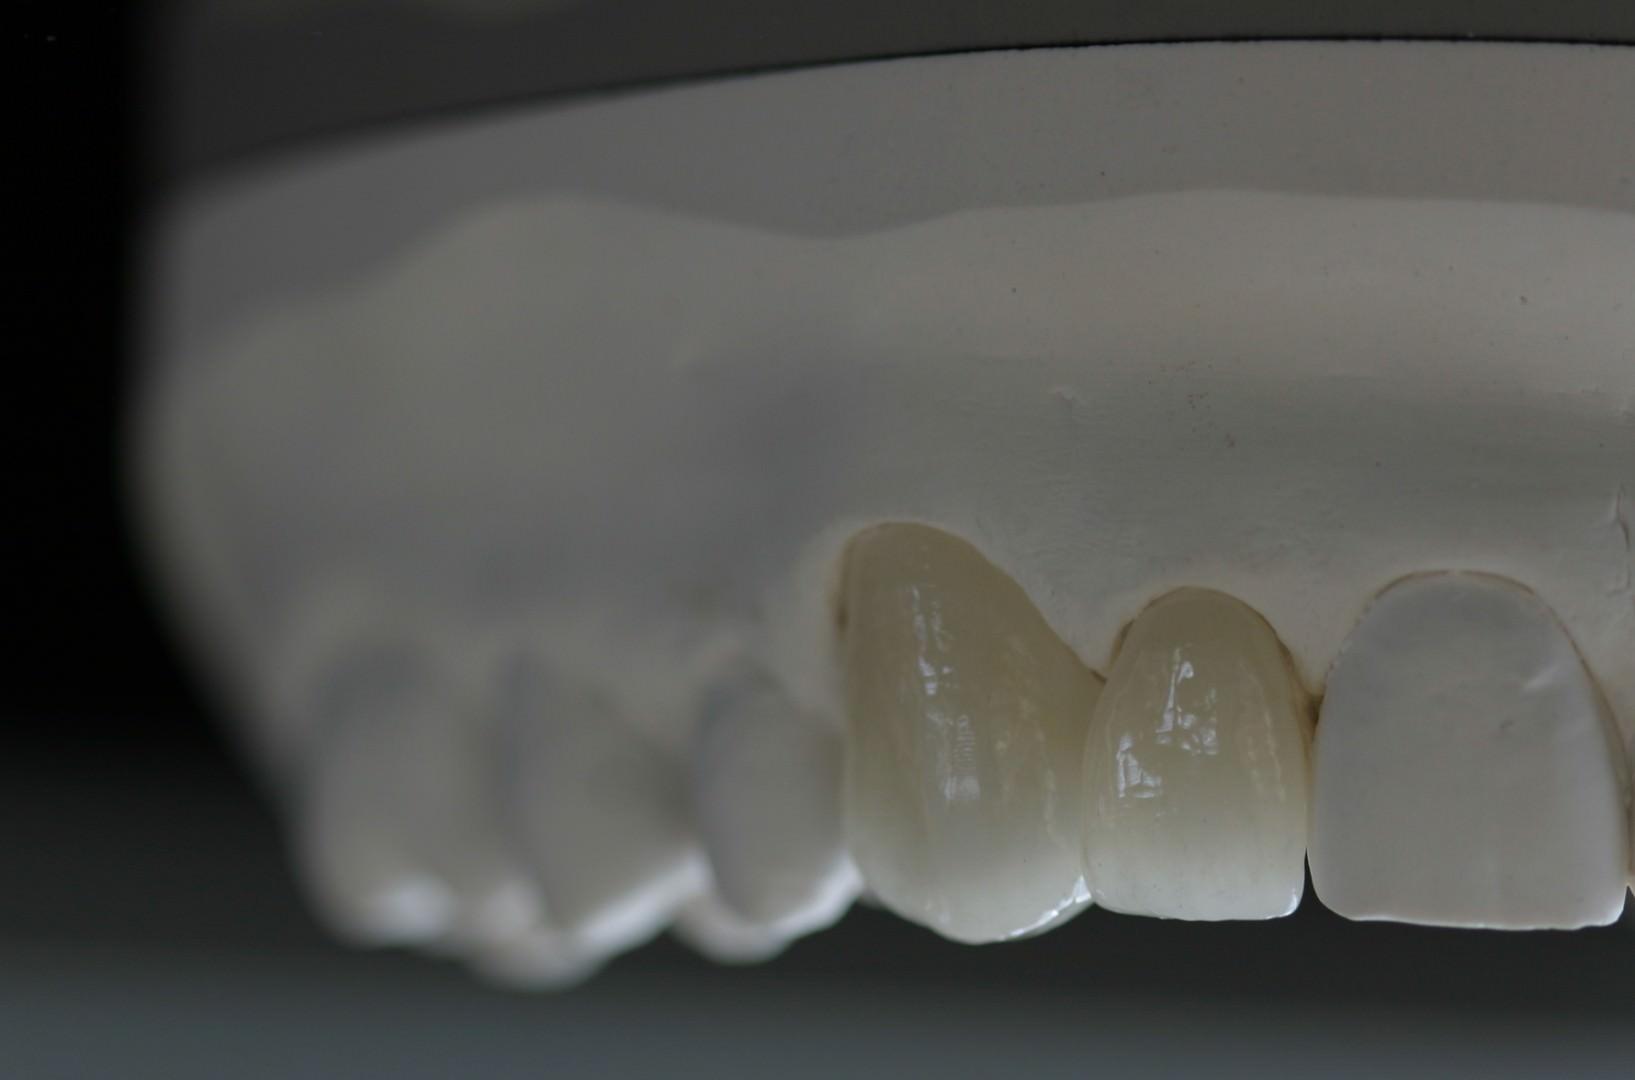 Nahaufnahme eines Modells mit Zahnersatz im Oberkiefer